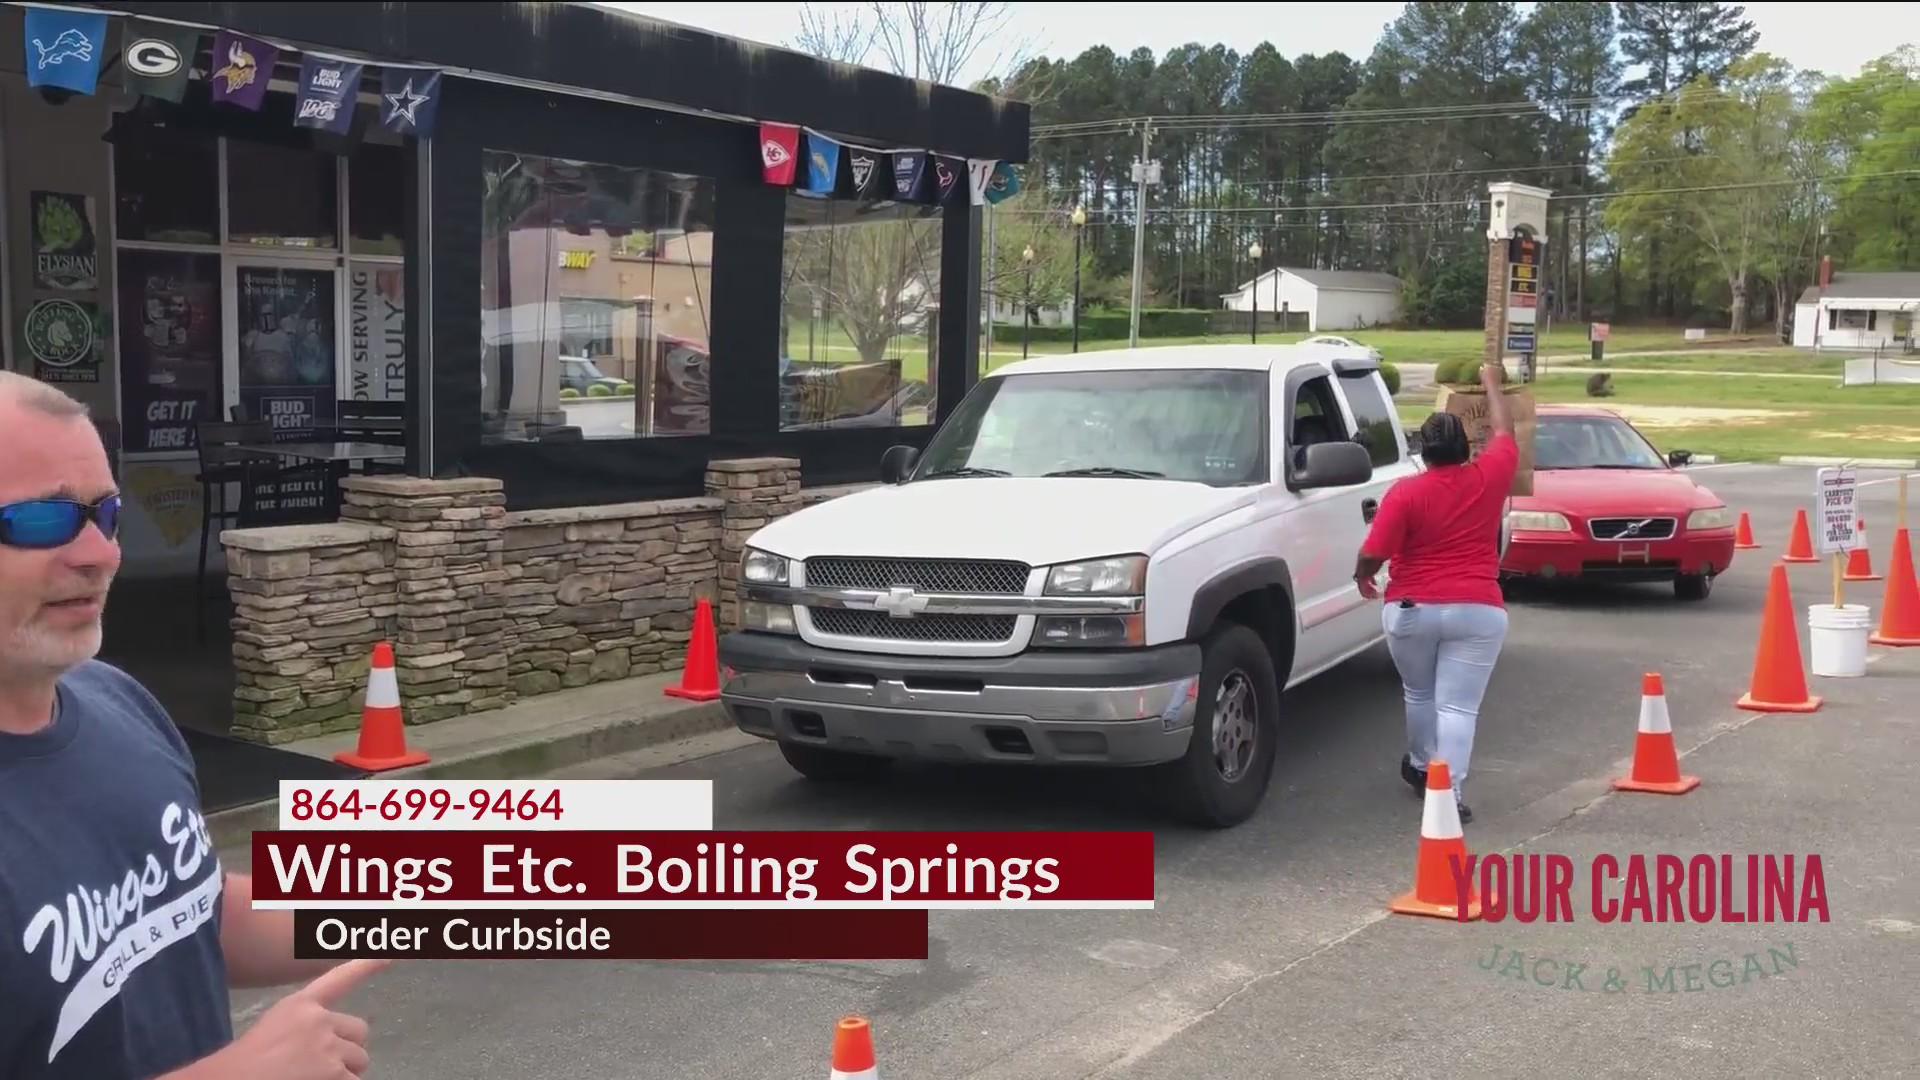 Order Curbside At Wings Etc. Boiling Springs